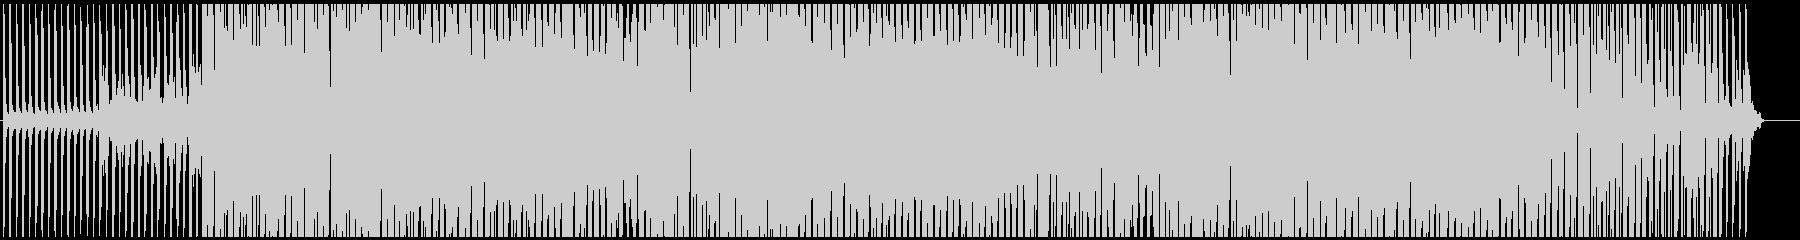 ヒップホップ風のレゲエの未再生の波形